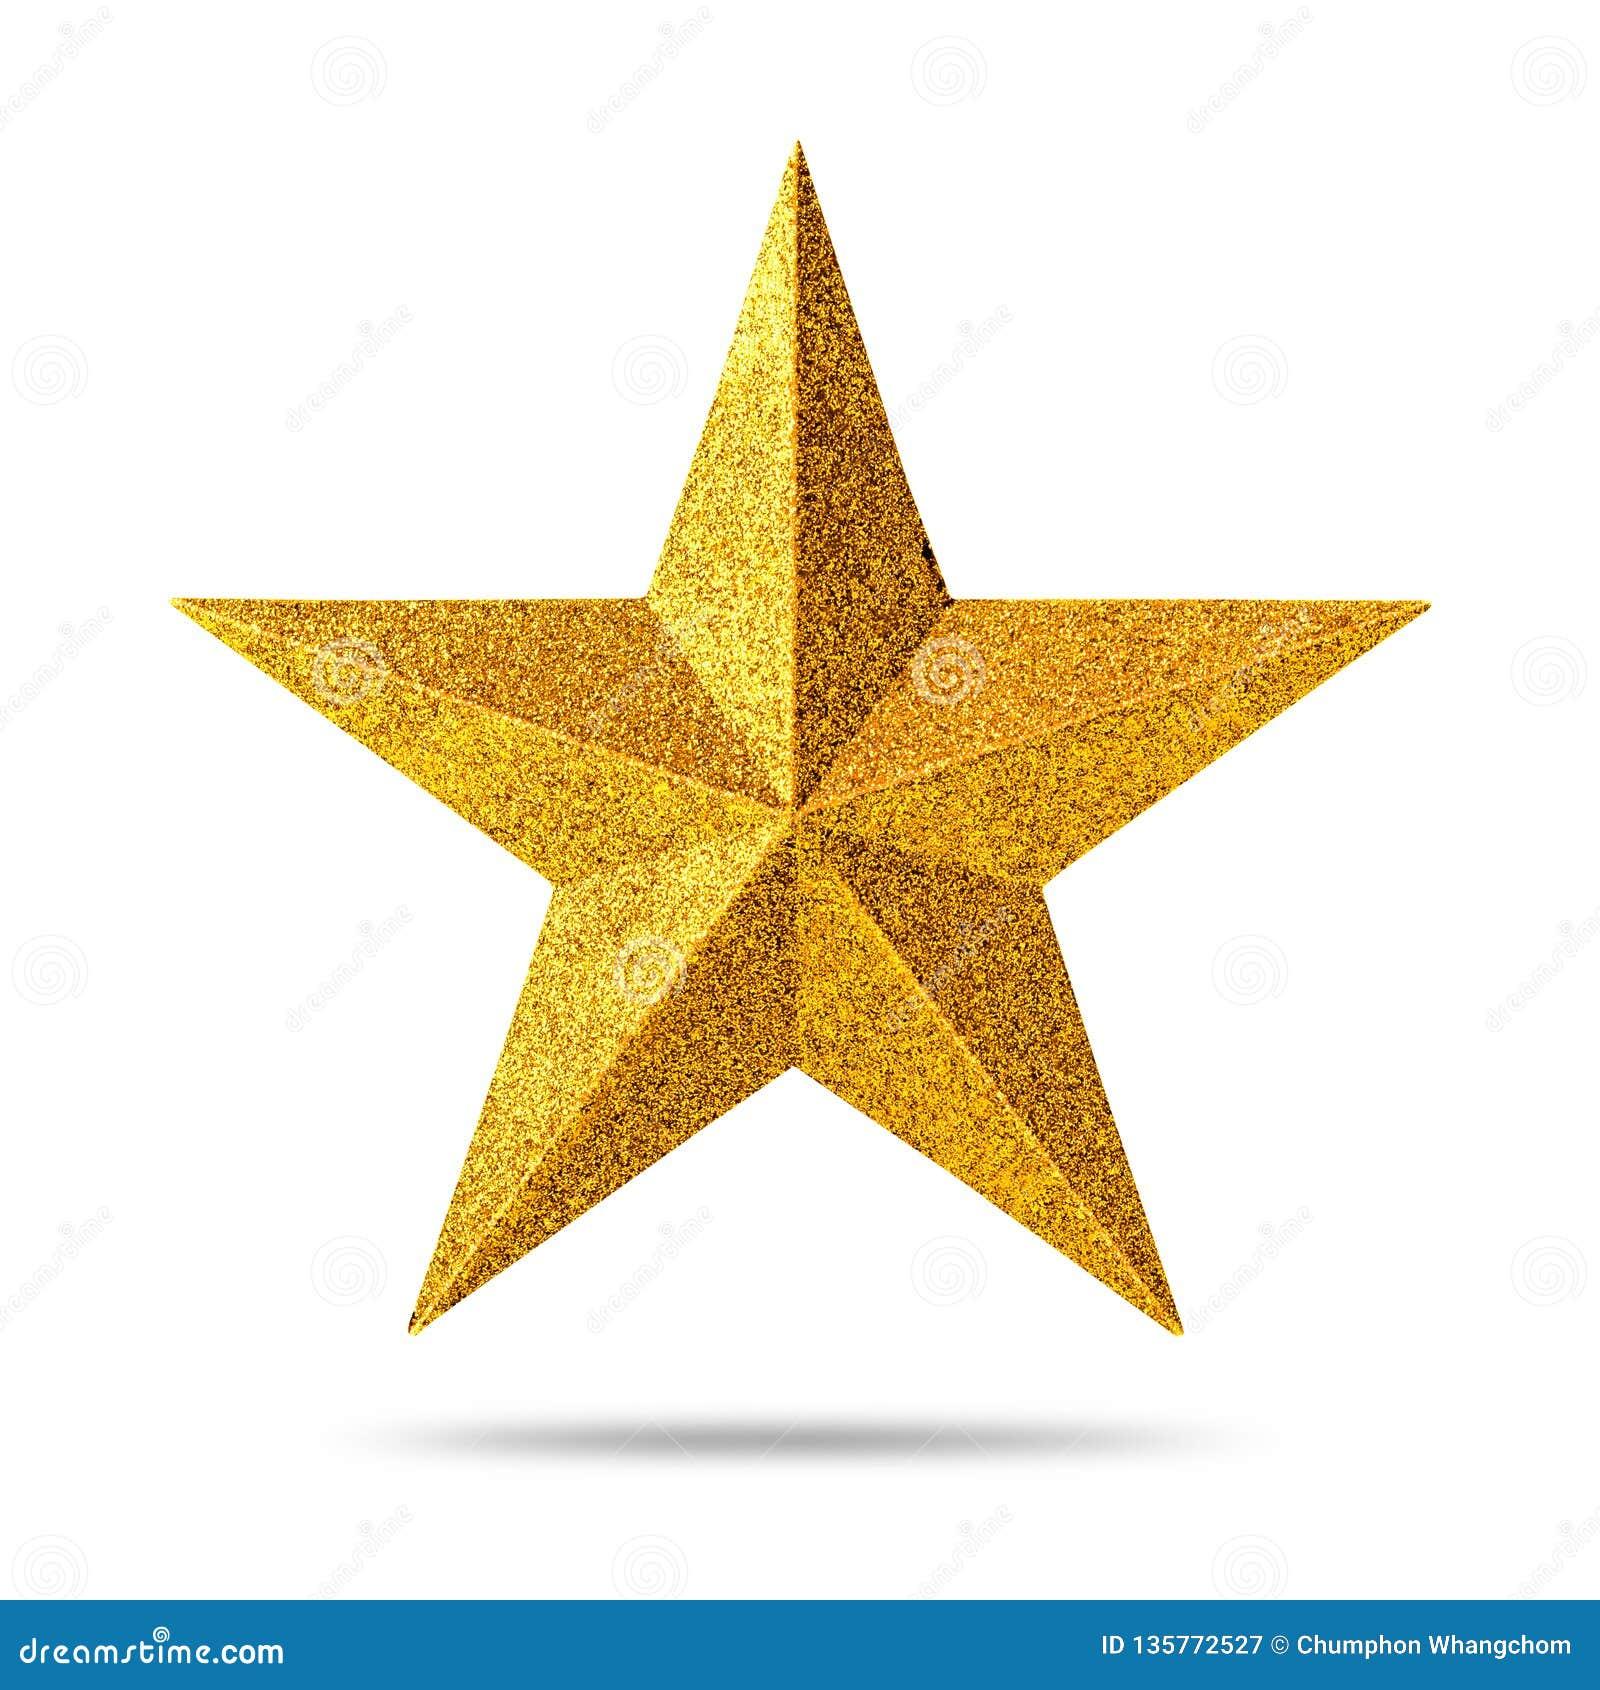 Den guld- stjärnan med blänker textur som isoleras på vit bakgrund julen dekorerar nya home idéer för garnering till